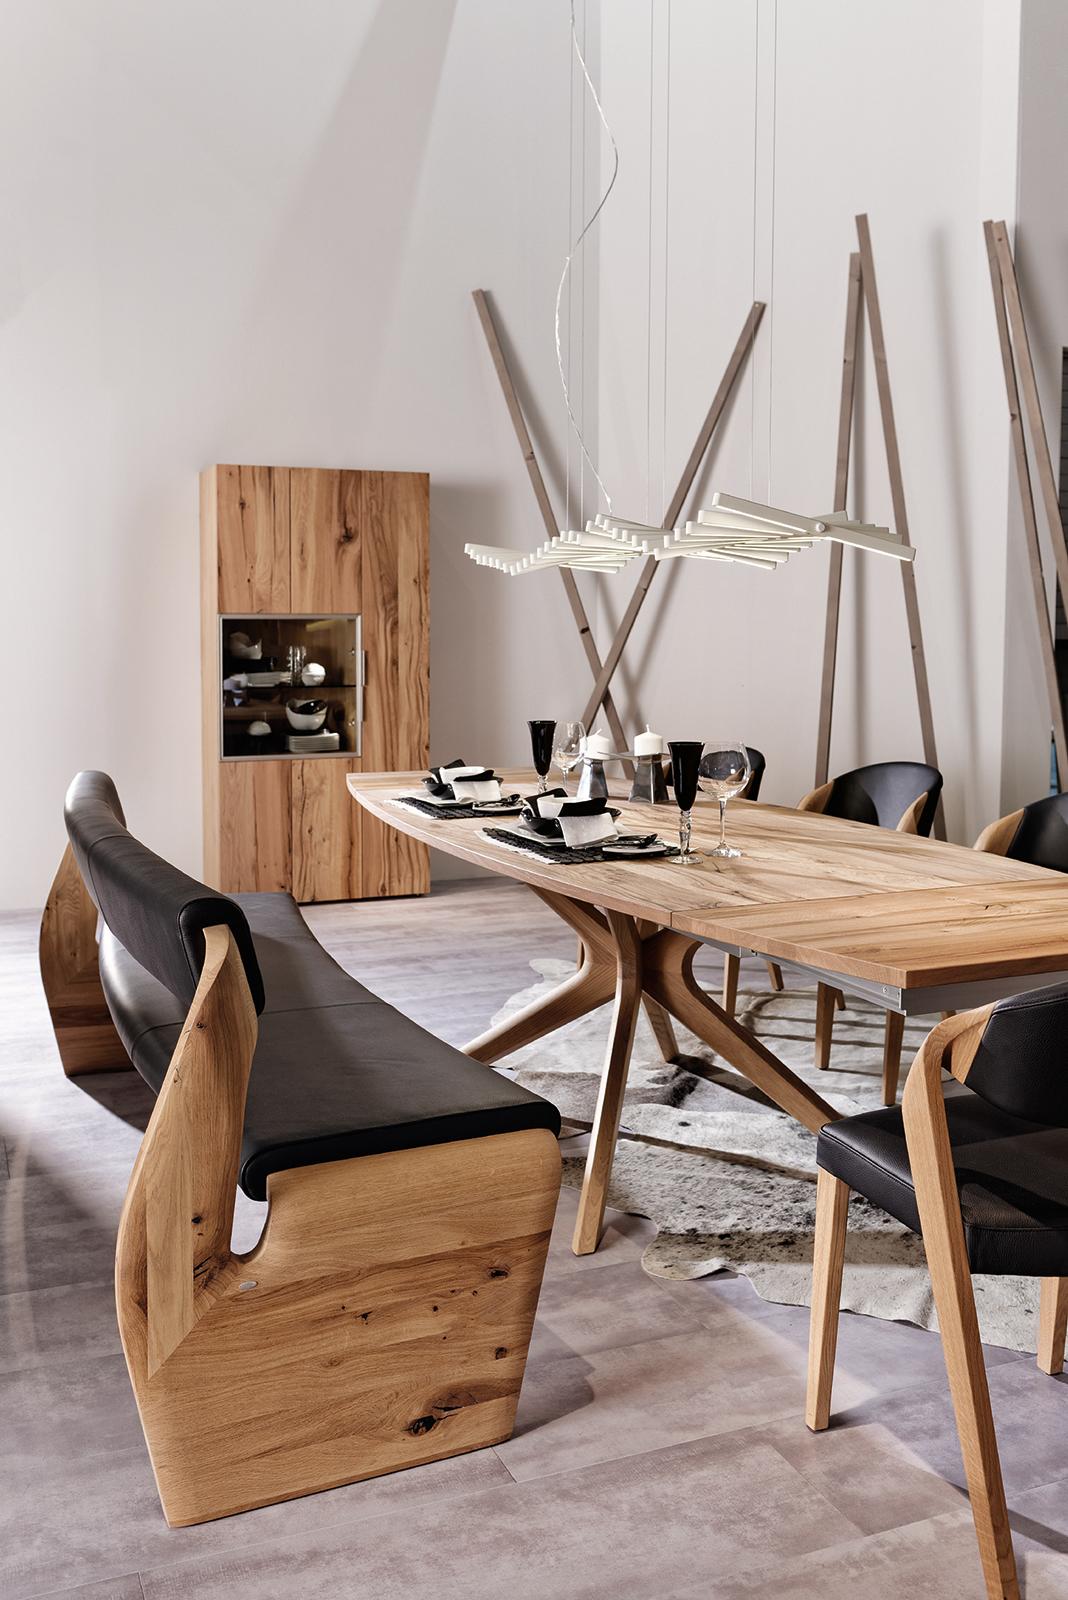 Voglauer Schlafzimmer Abverkauf Bettdecken Trick Qvc Mont Chalet